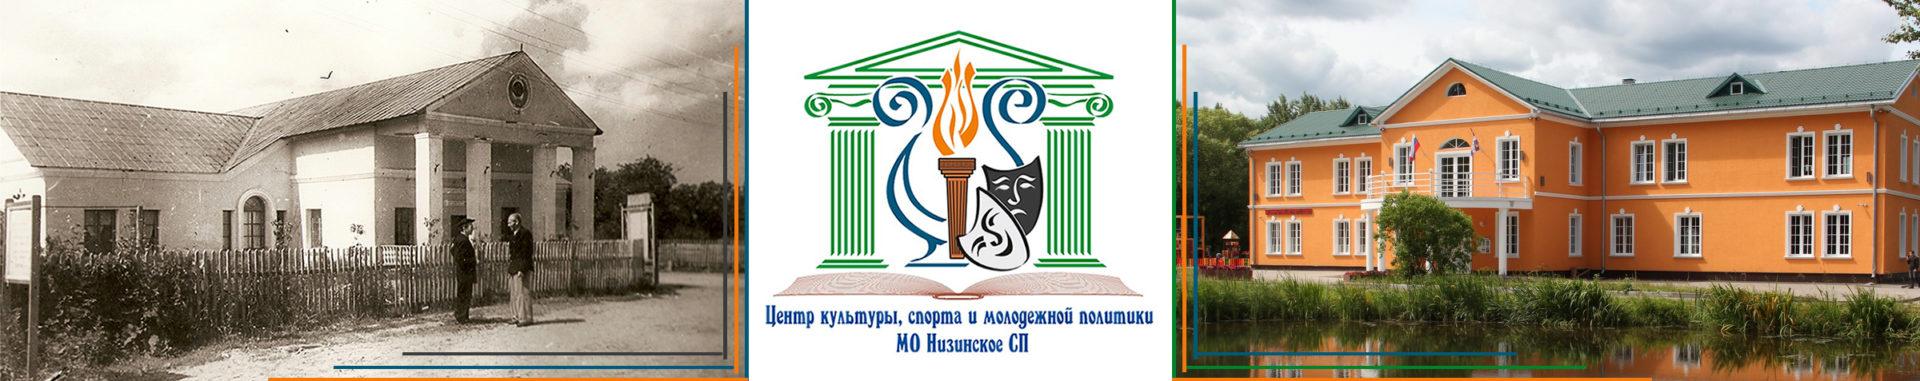 Центр культуры, спорта и молодежной политики МО Низинское СП